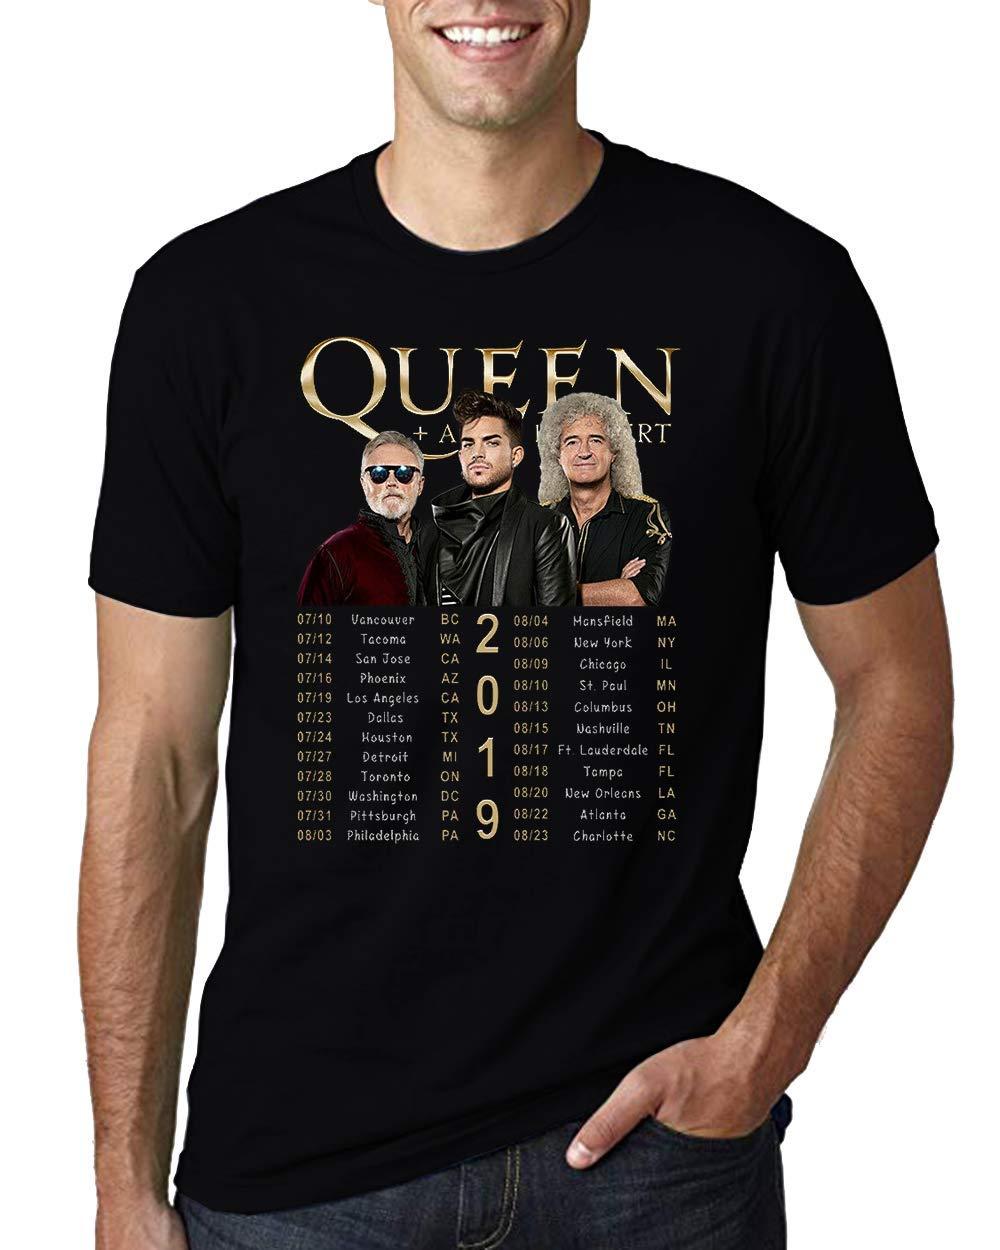 Queen And Adam Lambert Rhapsody Concert Tour 2019 Tshirt Black Shirt